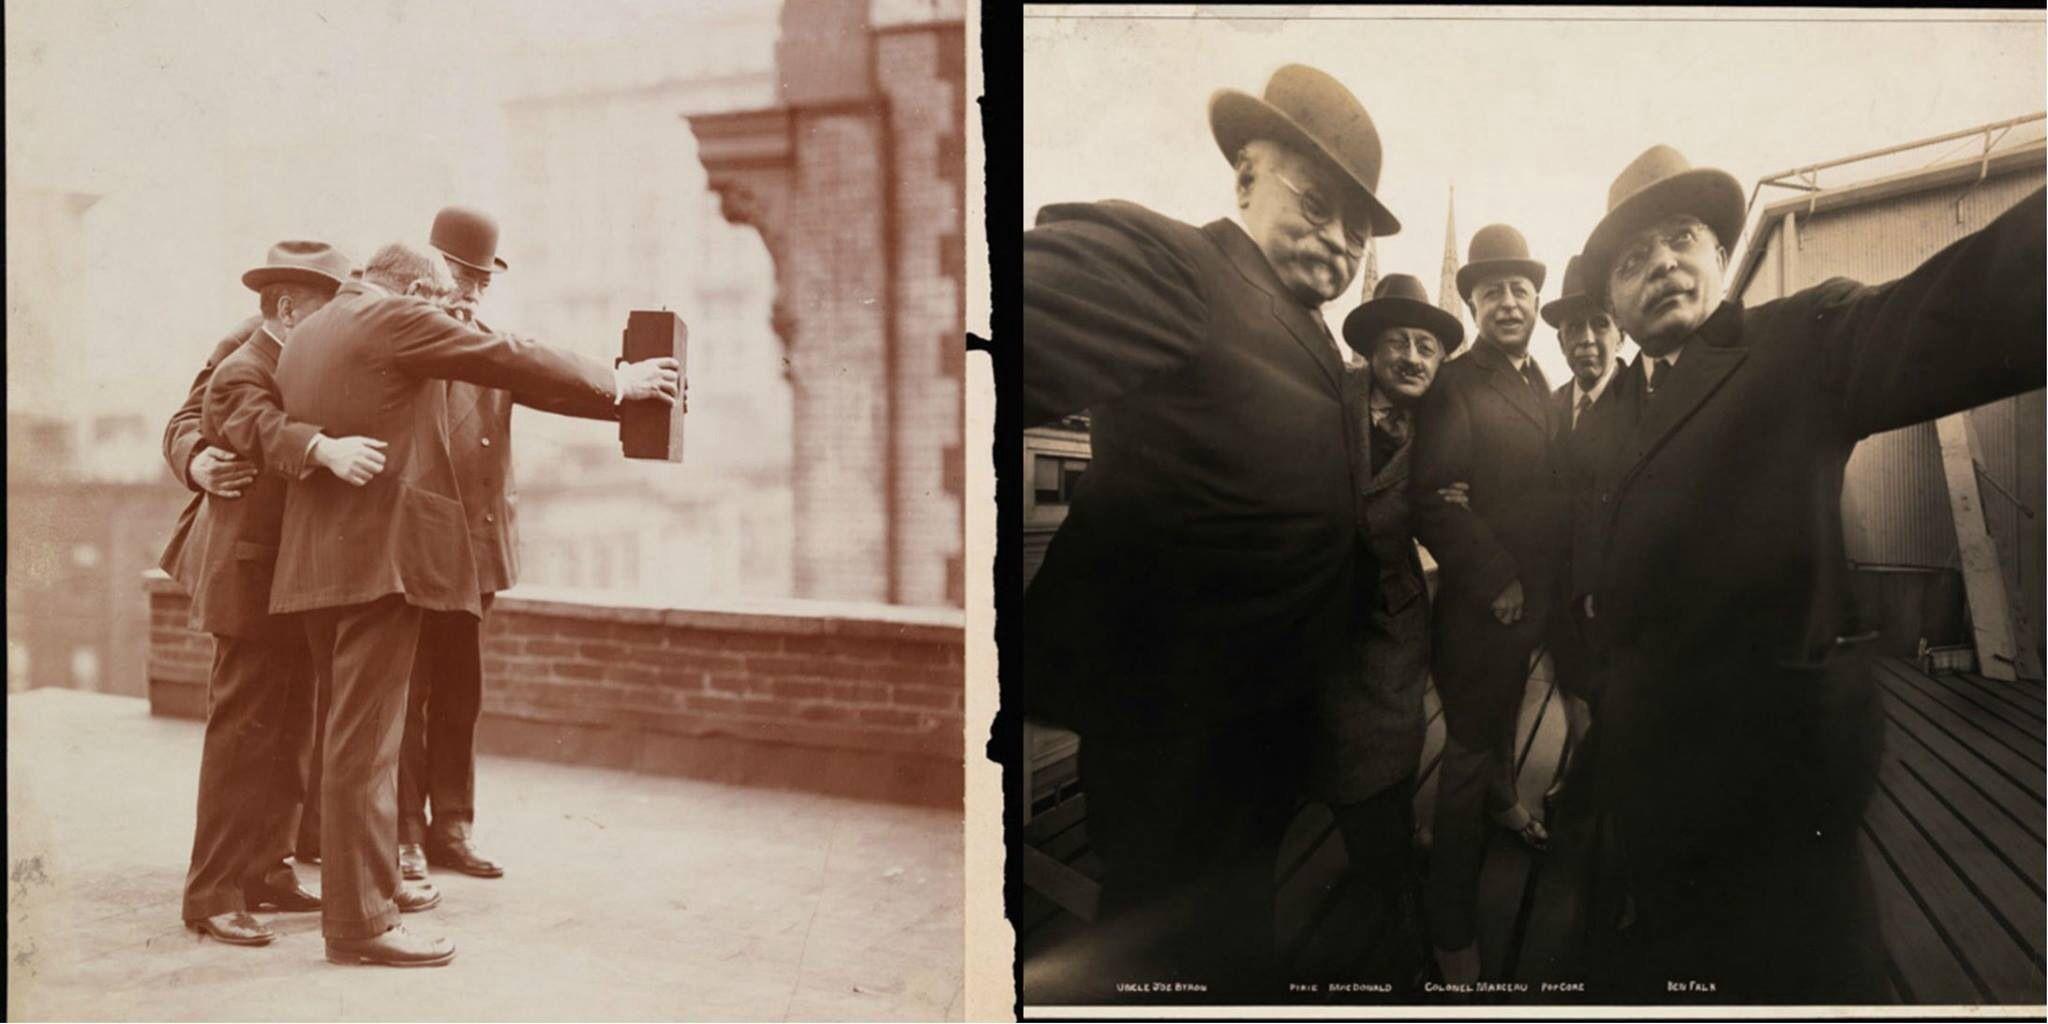 Selfies in the 1920's